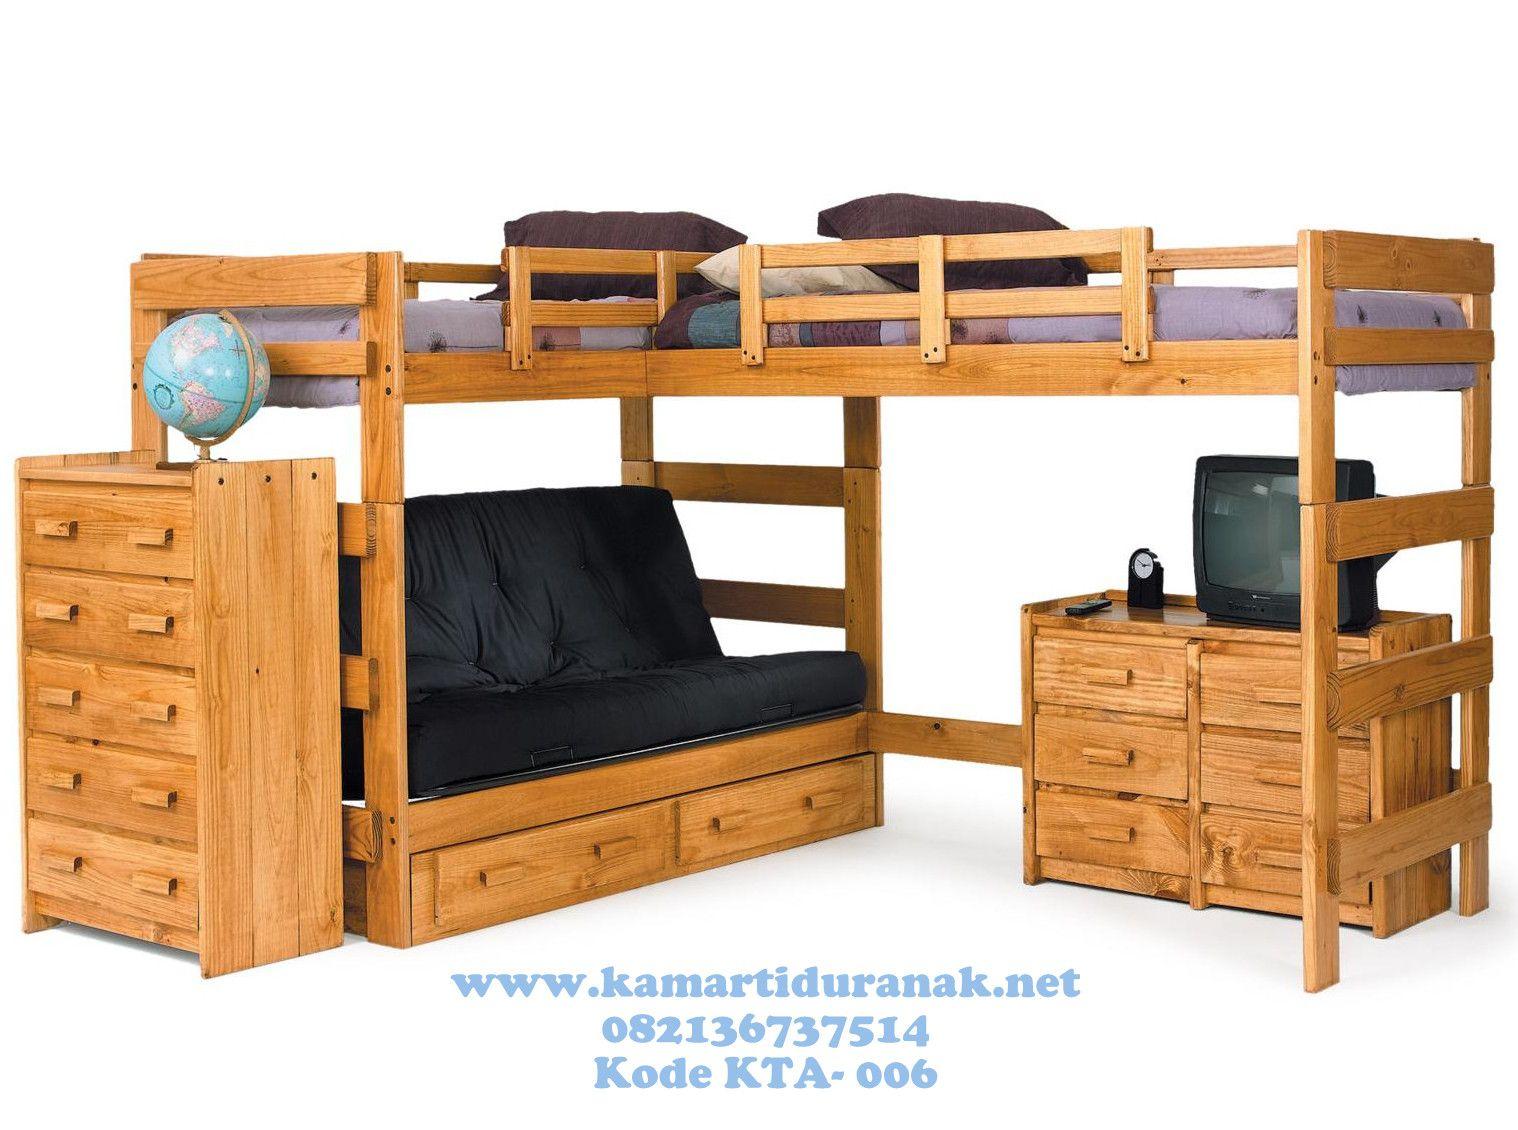 Model Tempat Tidur Kastil Anak Laki Laki Tempat Tidur Kastil Anak